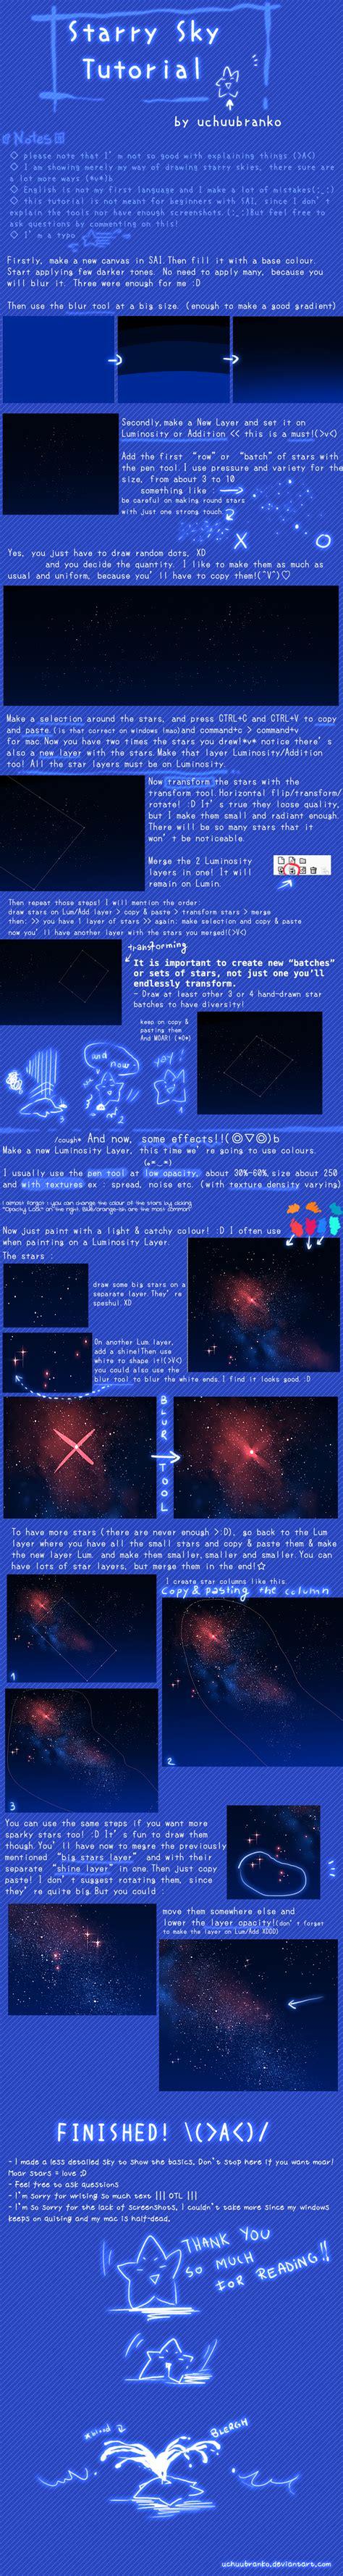 paint tool sai sky tutorial sai starry sky tutorial by uchuubranko on deviantart